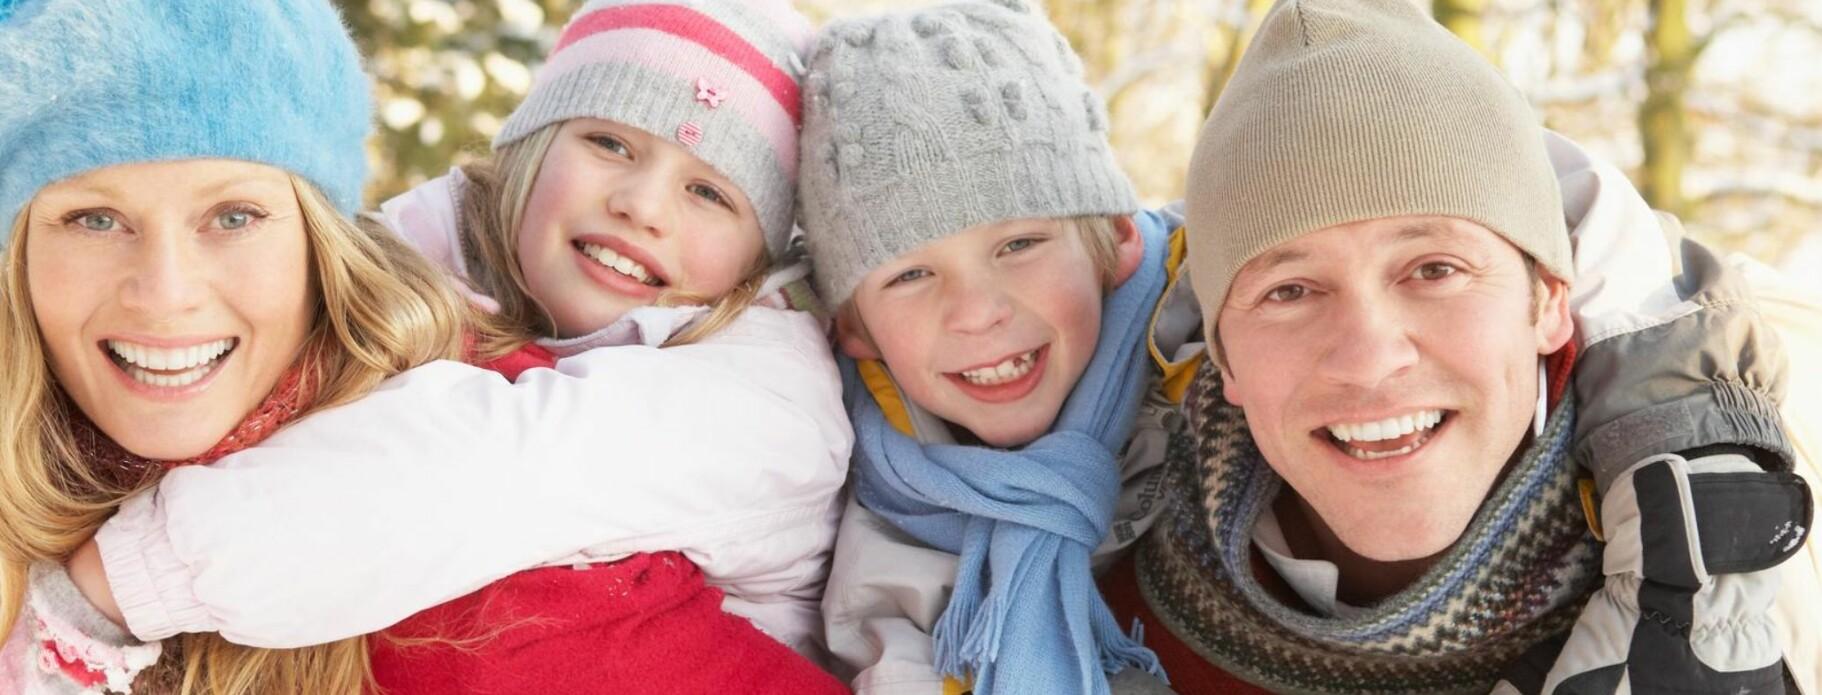 SIKKERHET: Mange foreldre er opptatt av å sikre barnas økonomiske framtid. Men alle er nok ikke klar over at barneforsikringen ikke indeksreguleres. FOTO: NTB/Scanpix